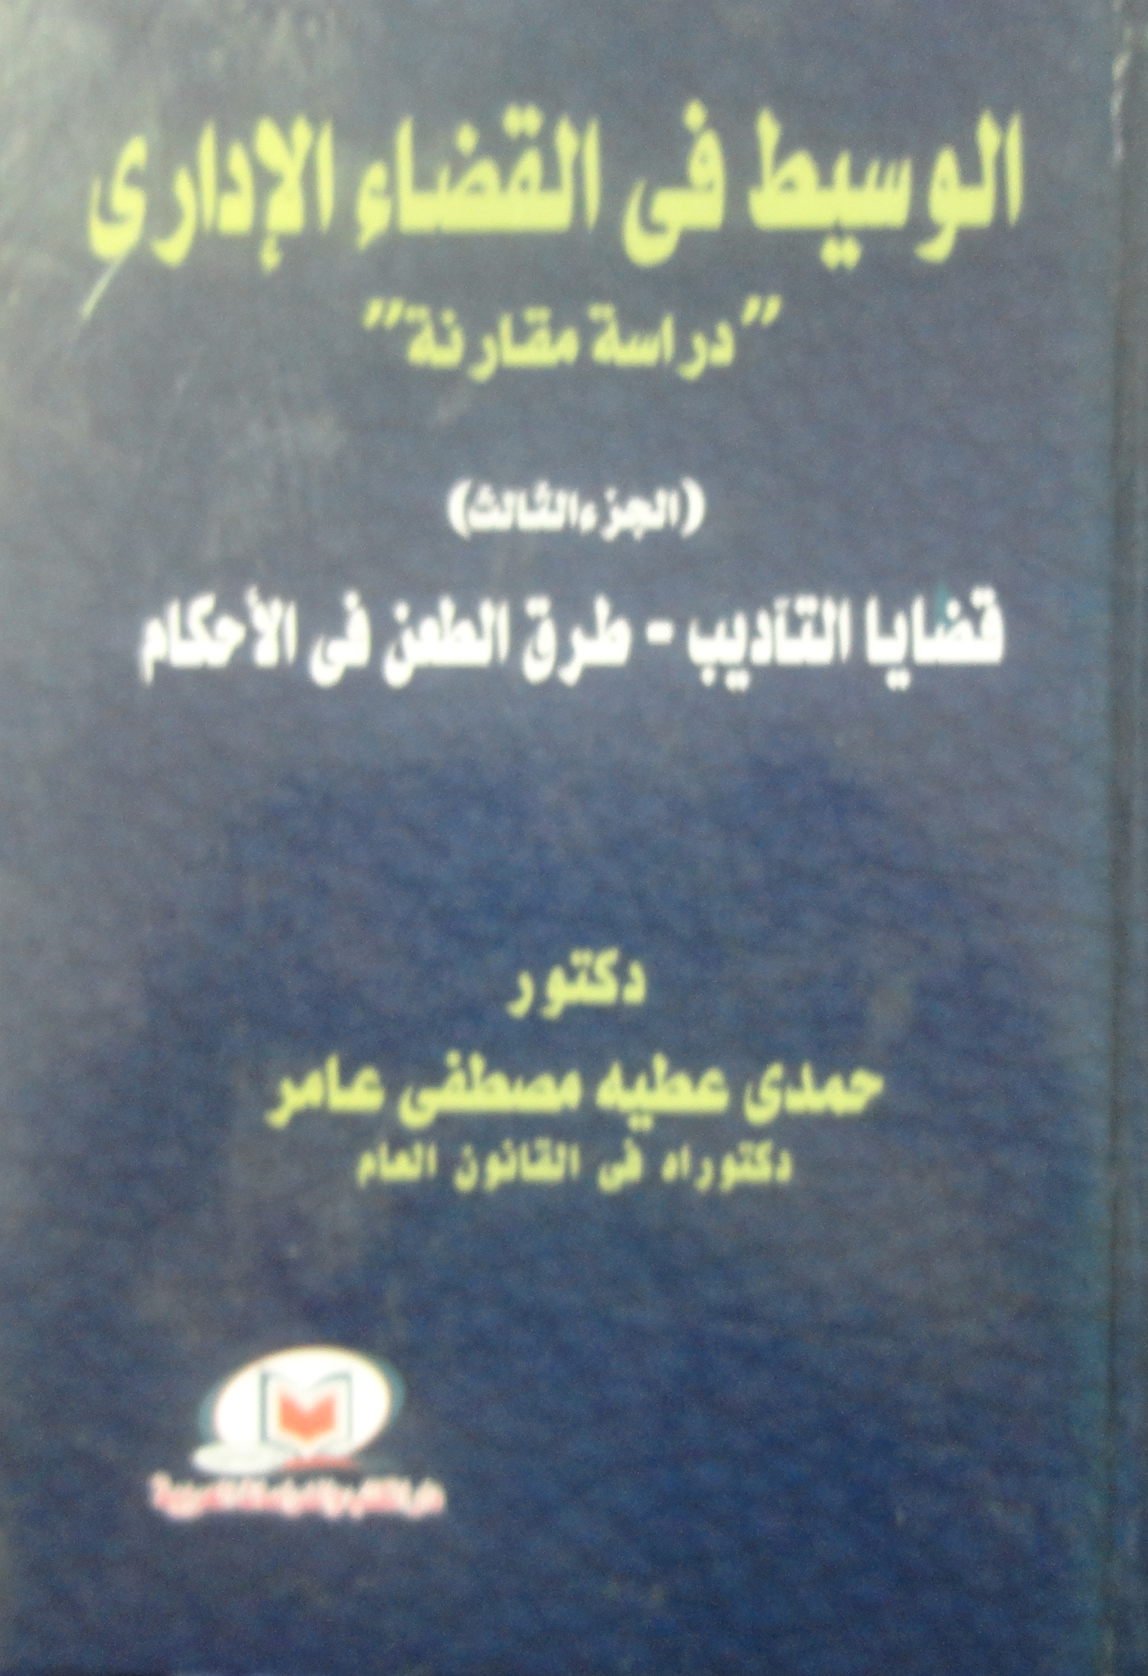 """لوسيط في القضاء الإداري """"دراسة مقارنة"""" (الجزء الثالث) قضايا التأديب -طرق الطعن في الأحكام"""